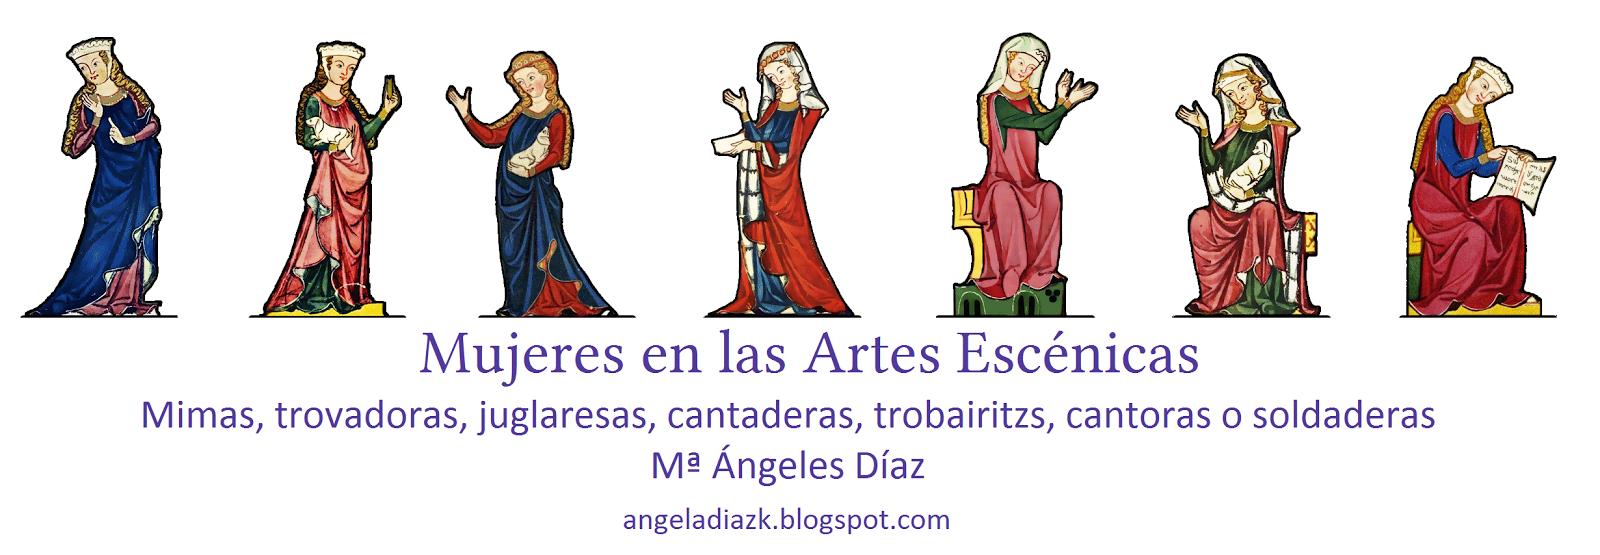 Trovadoras, Juglaresas. Mujeres en las Artes Escénicas